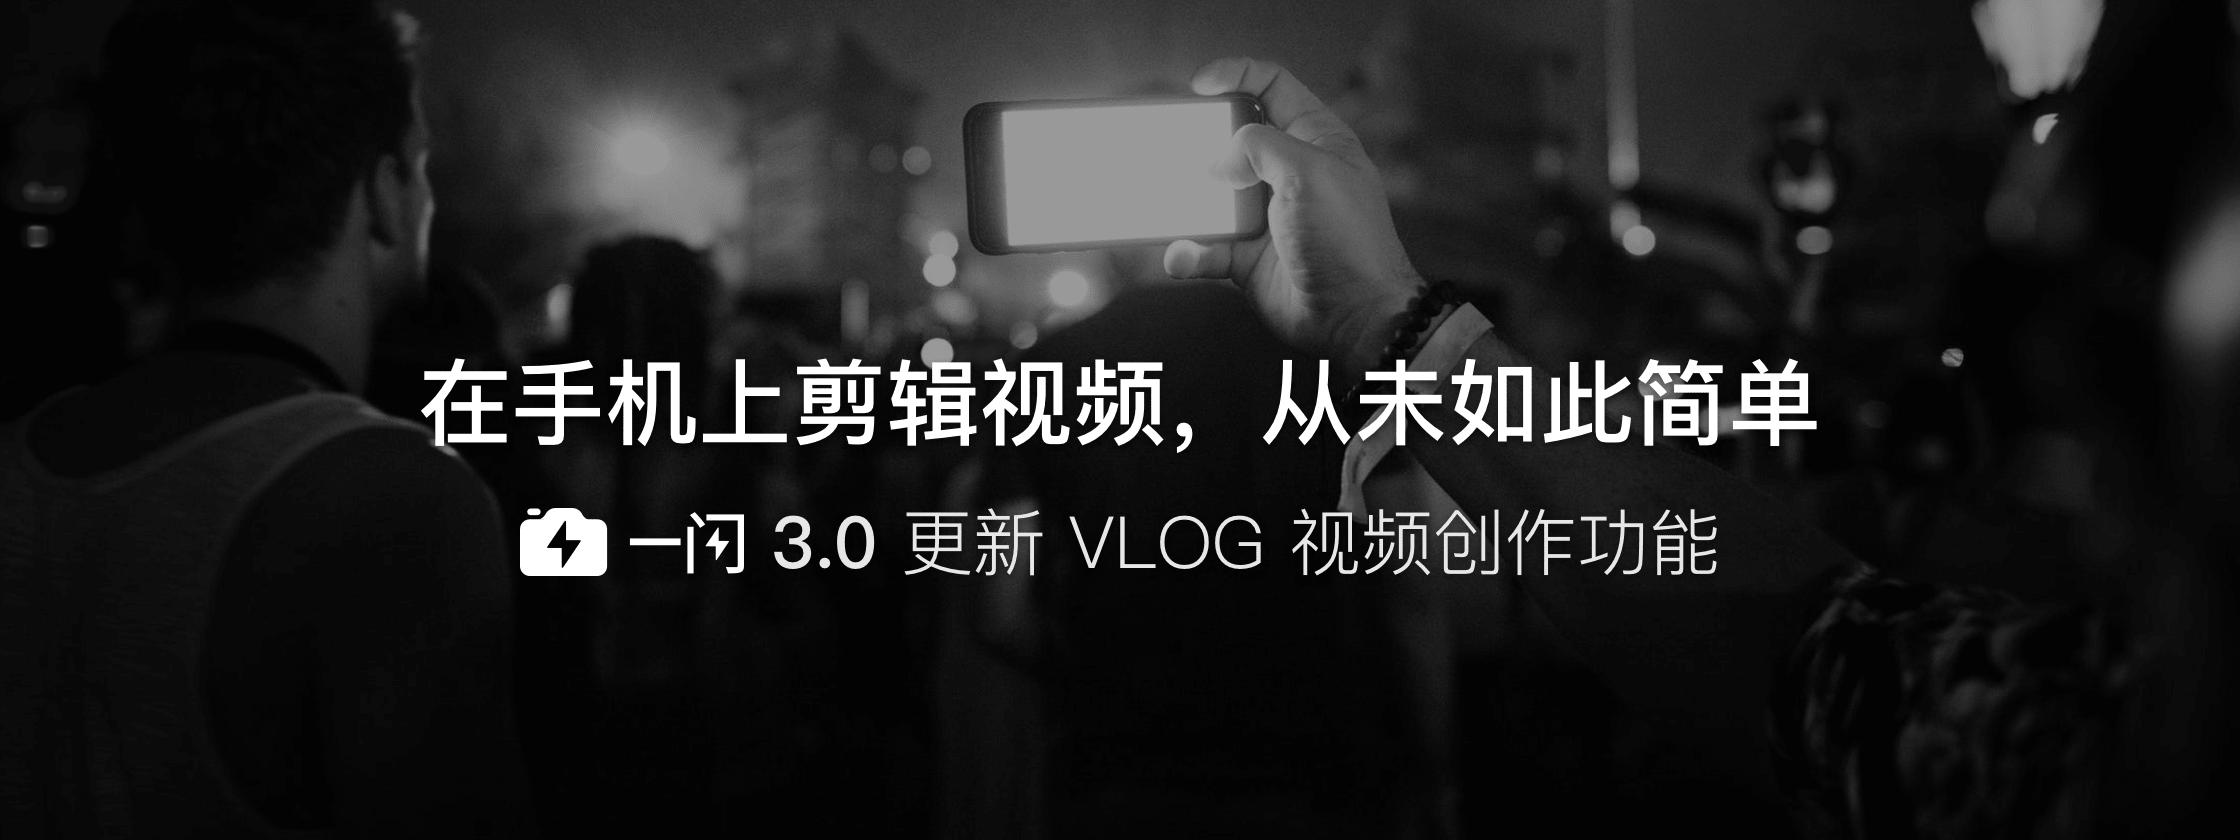 在手机上剪辑视频,从未如此简单:一闪 3.0 更新 VLOG 视频创作功能